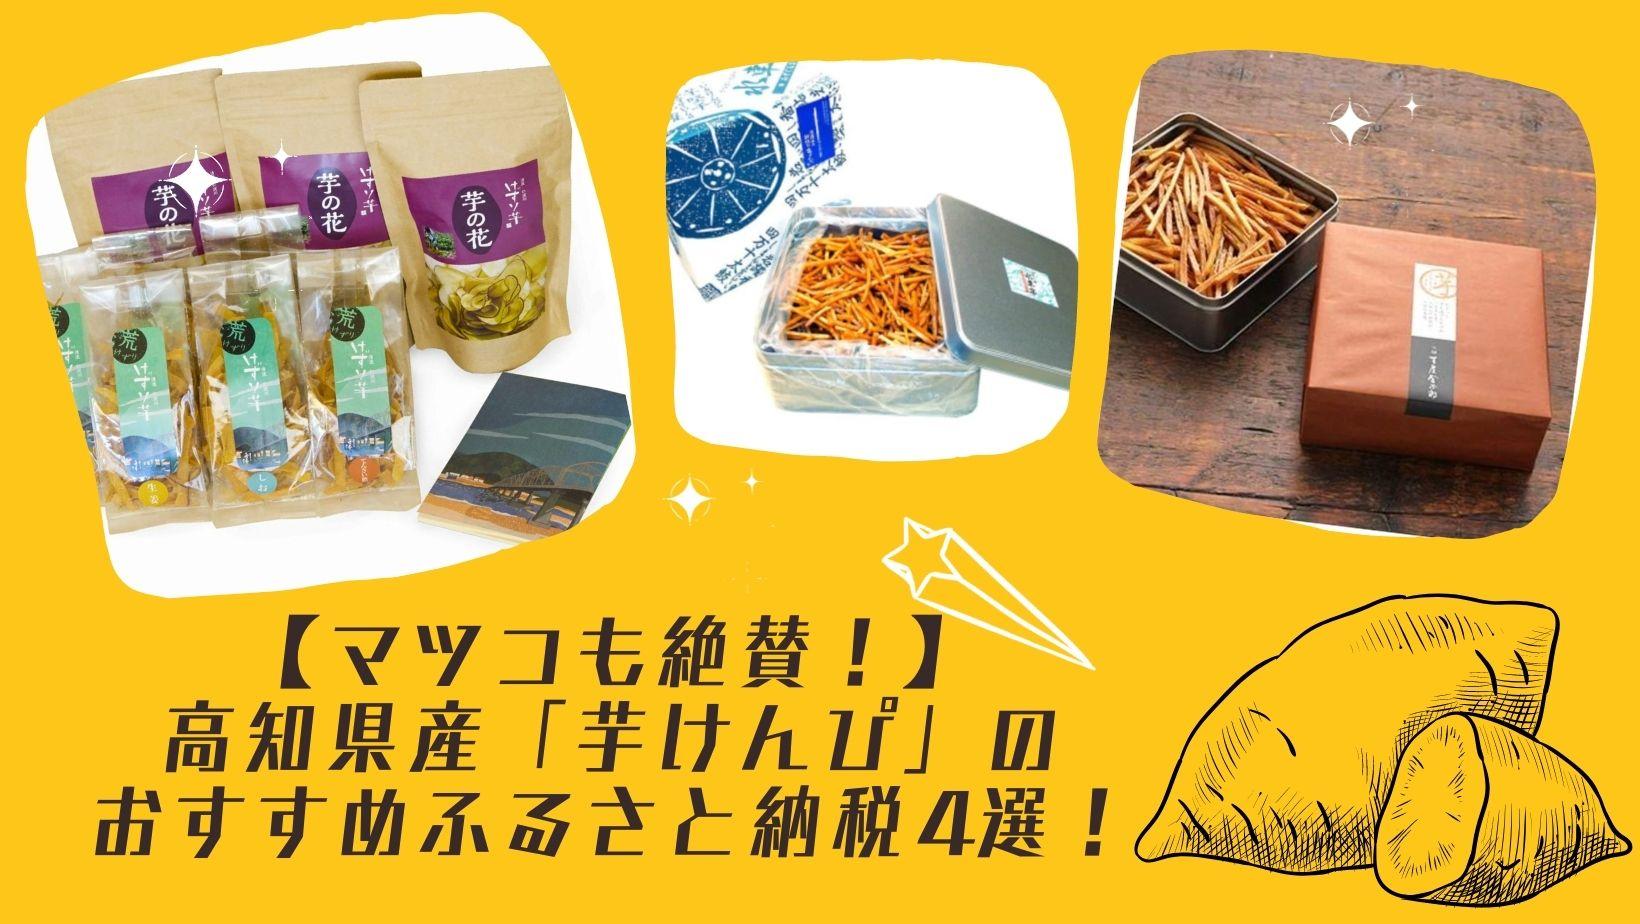 【マツコも絶賛!】高知県産「芋けんぴ」のおすすめふるさと納税4選!